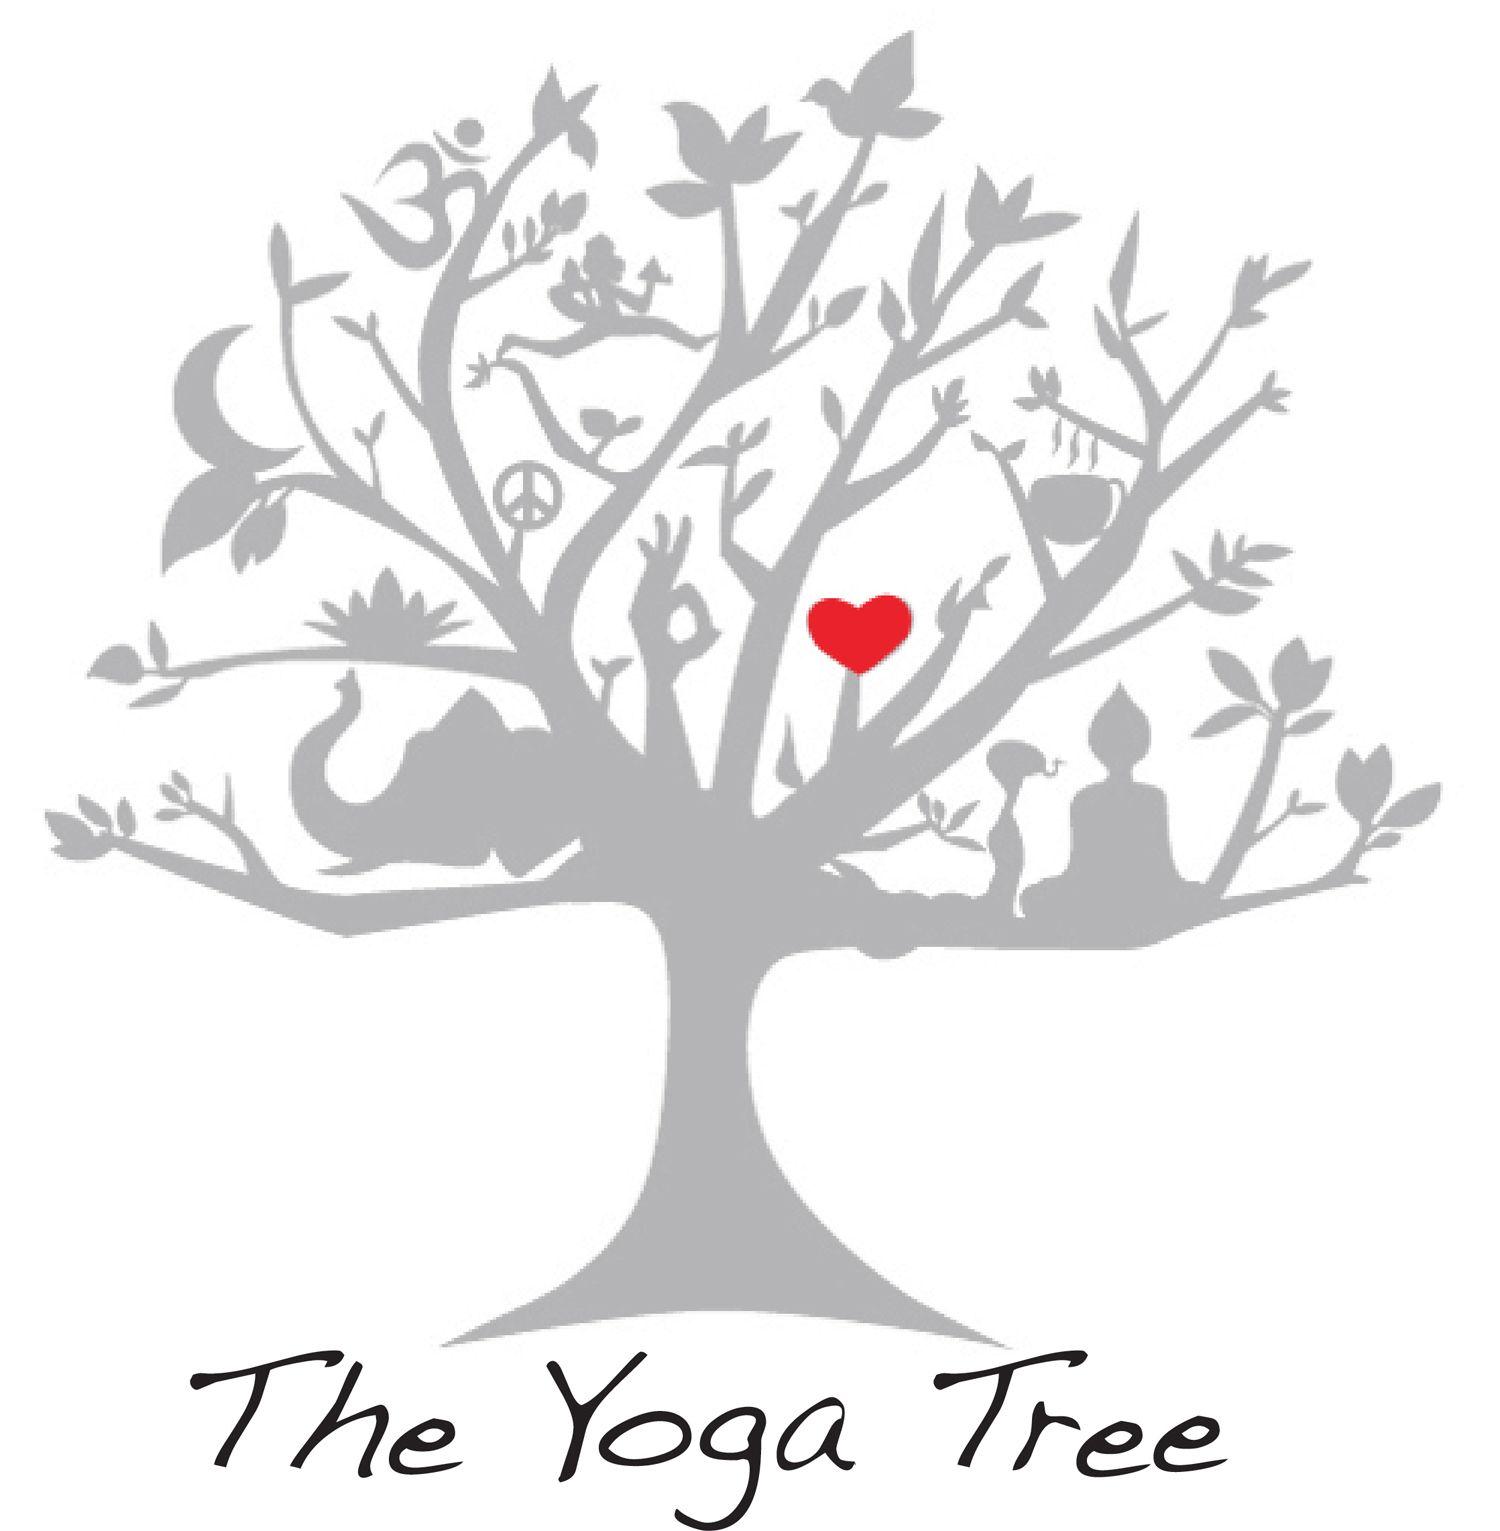 pingl par sandrine burkhardt sur yoga tatouage arbre de vie symbole tatouage et tatouage. Black Bedroom Furniture Sets. Home Design Ideas